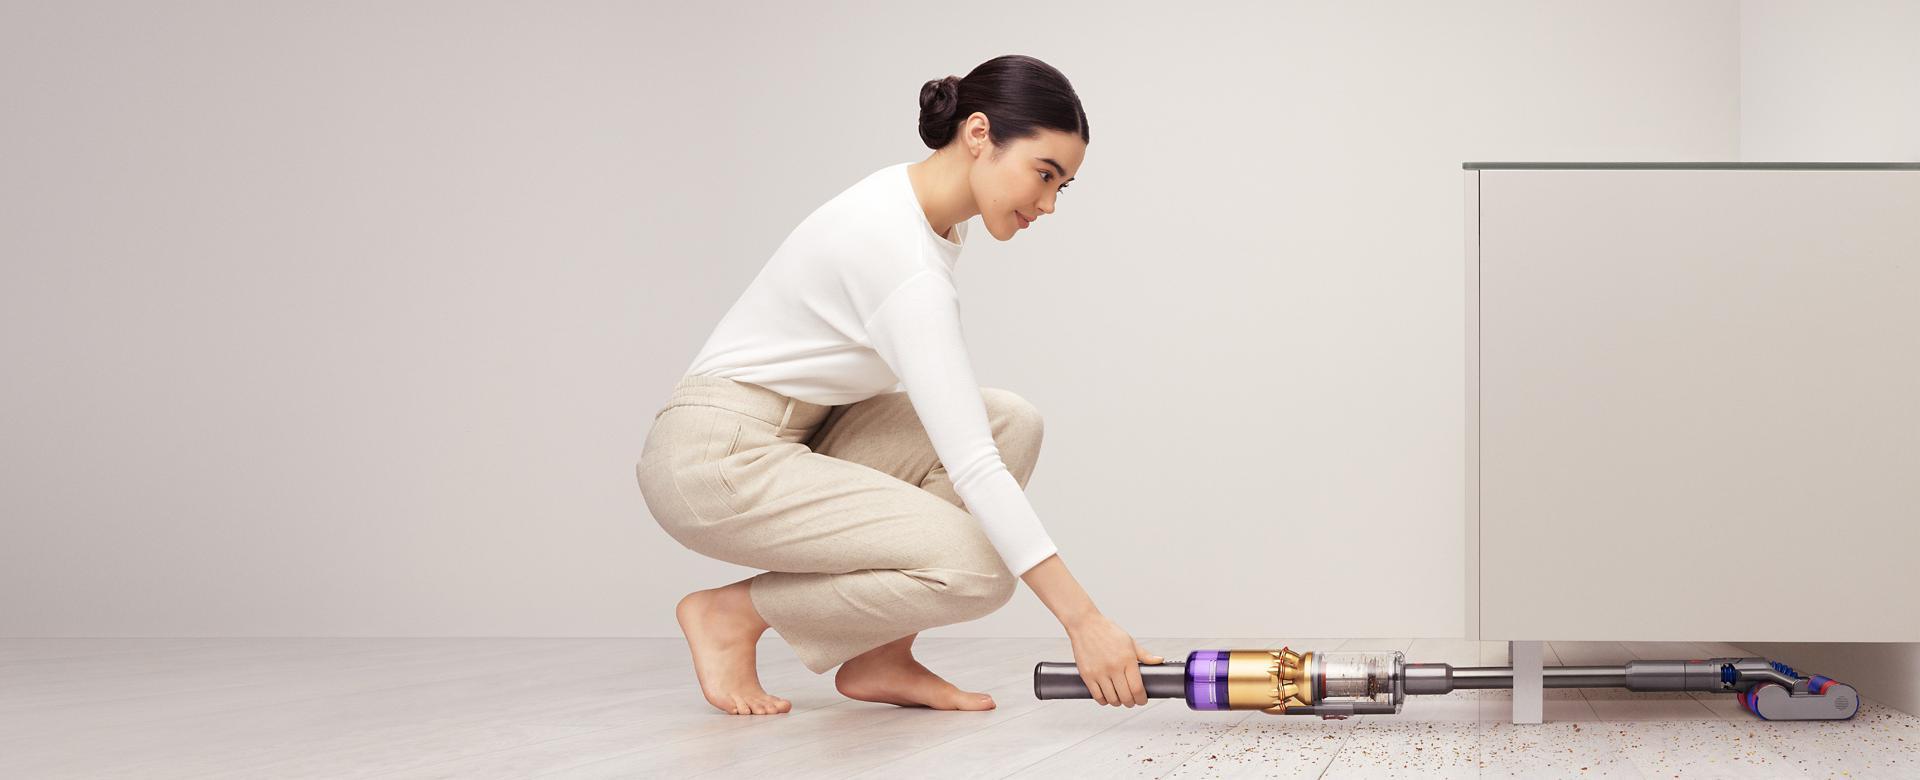 다이슨 옴니-글라이드™ 무선 청소기로 장식장 아래를 청소하는 여성.